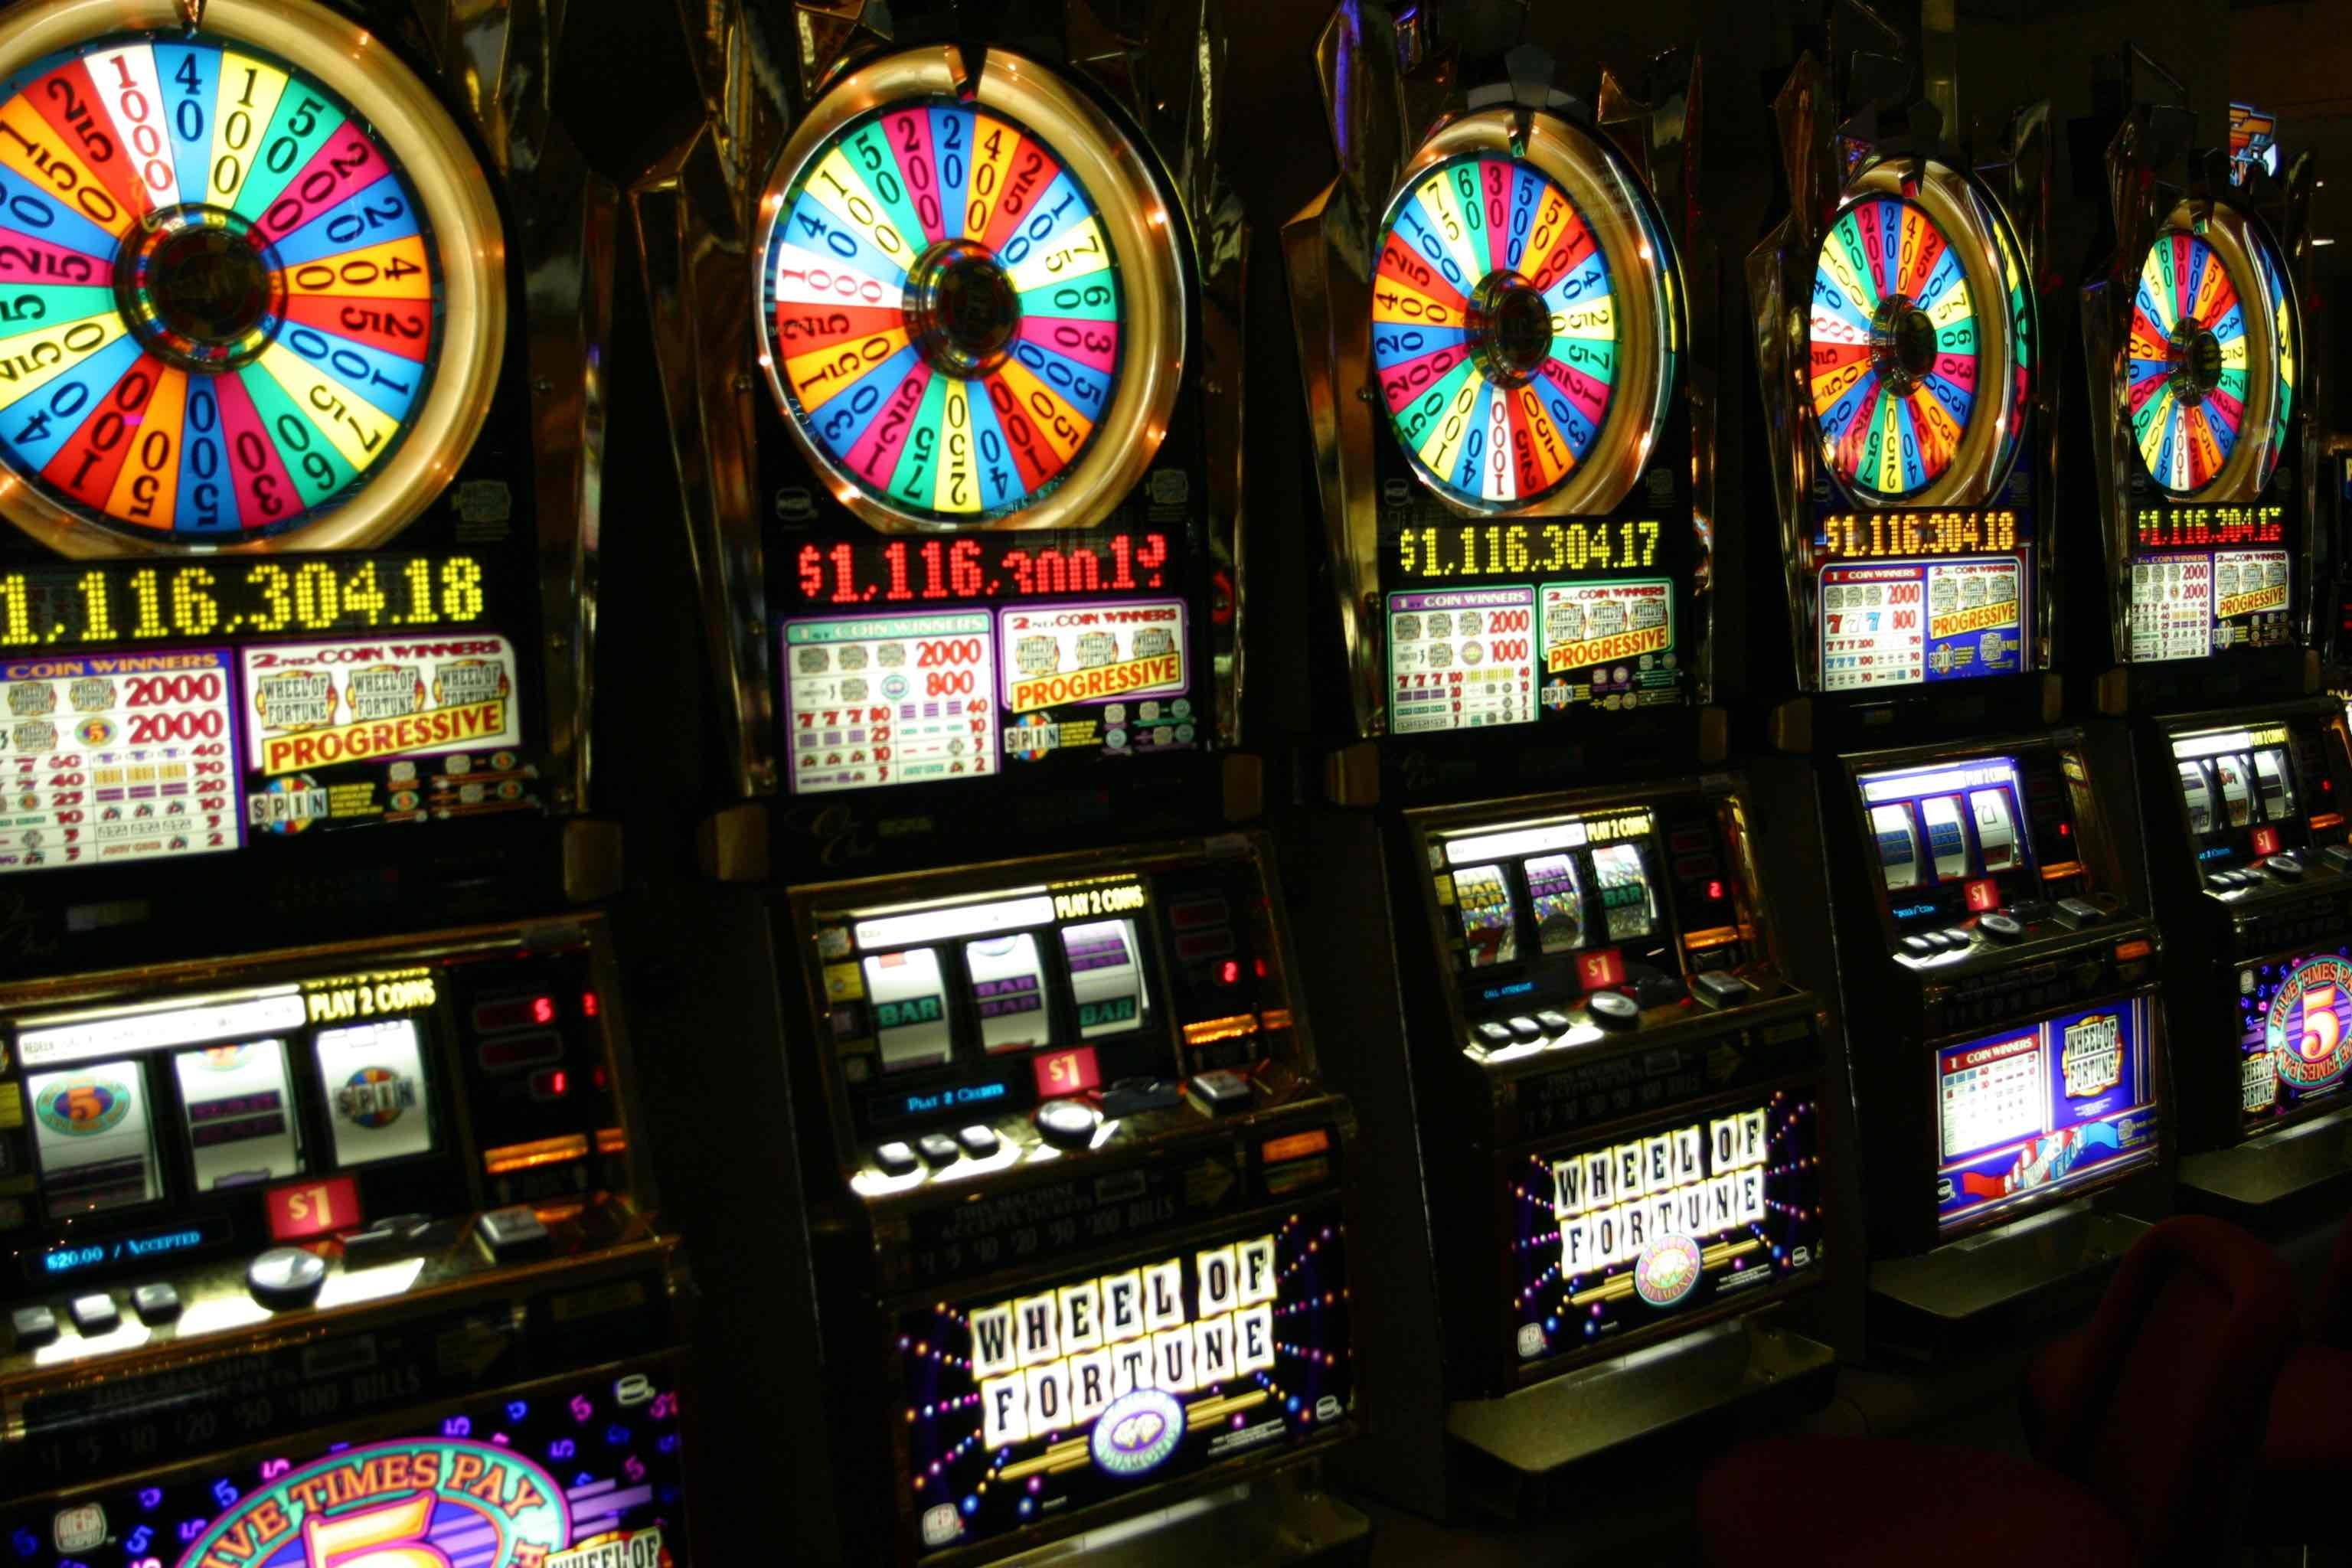 $ 110免费赌场筹码在派对赌场